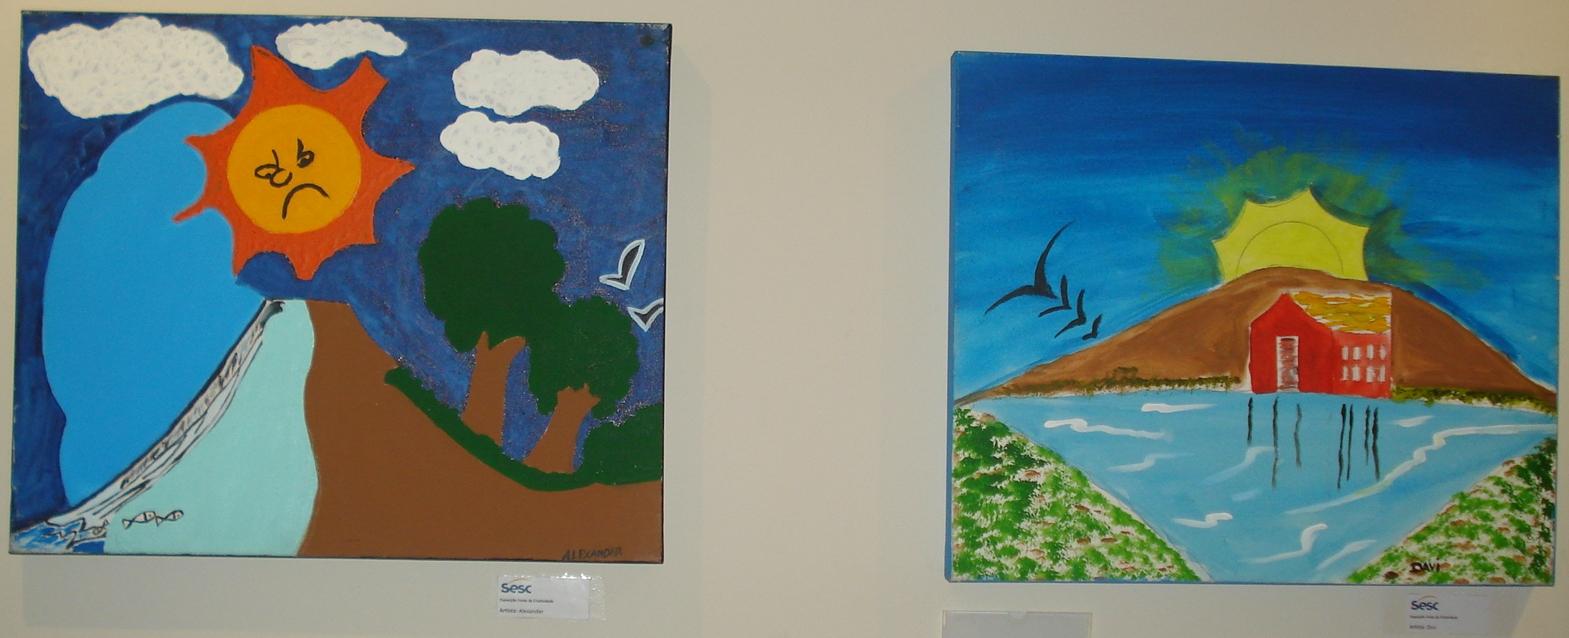 Exposição reúne 25 obras artísticas de jovens de comunidades de Fortaleza